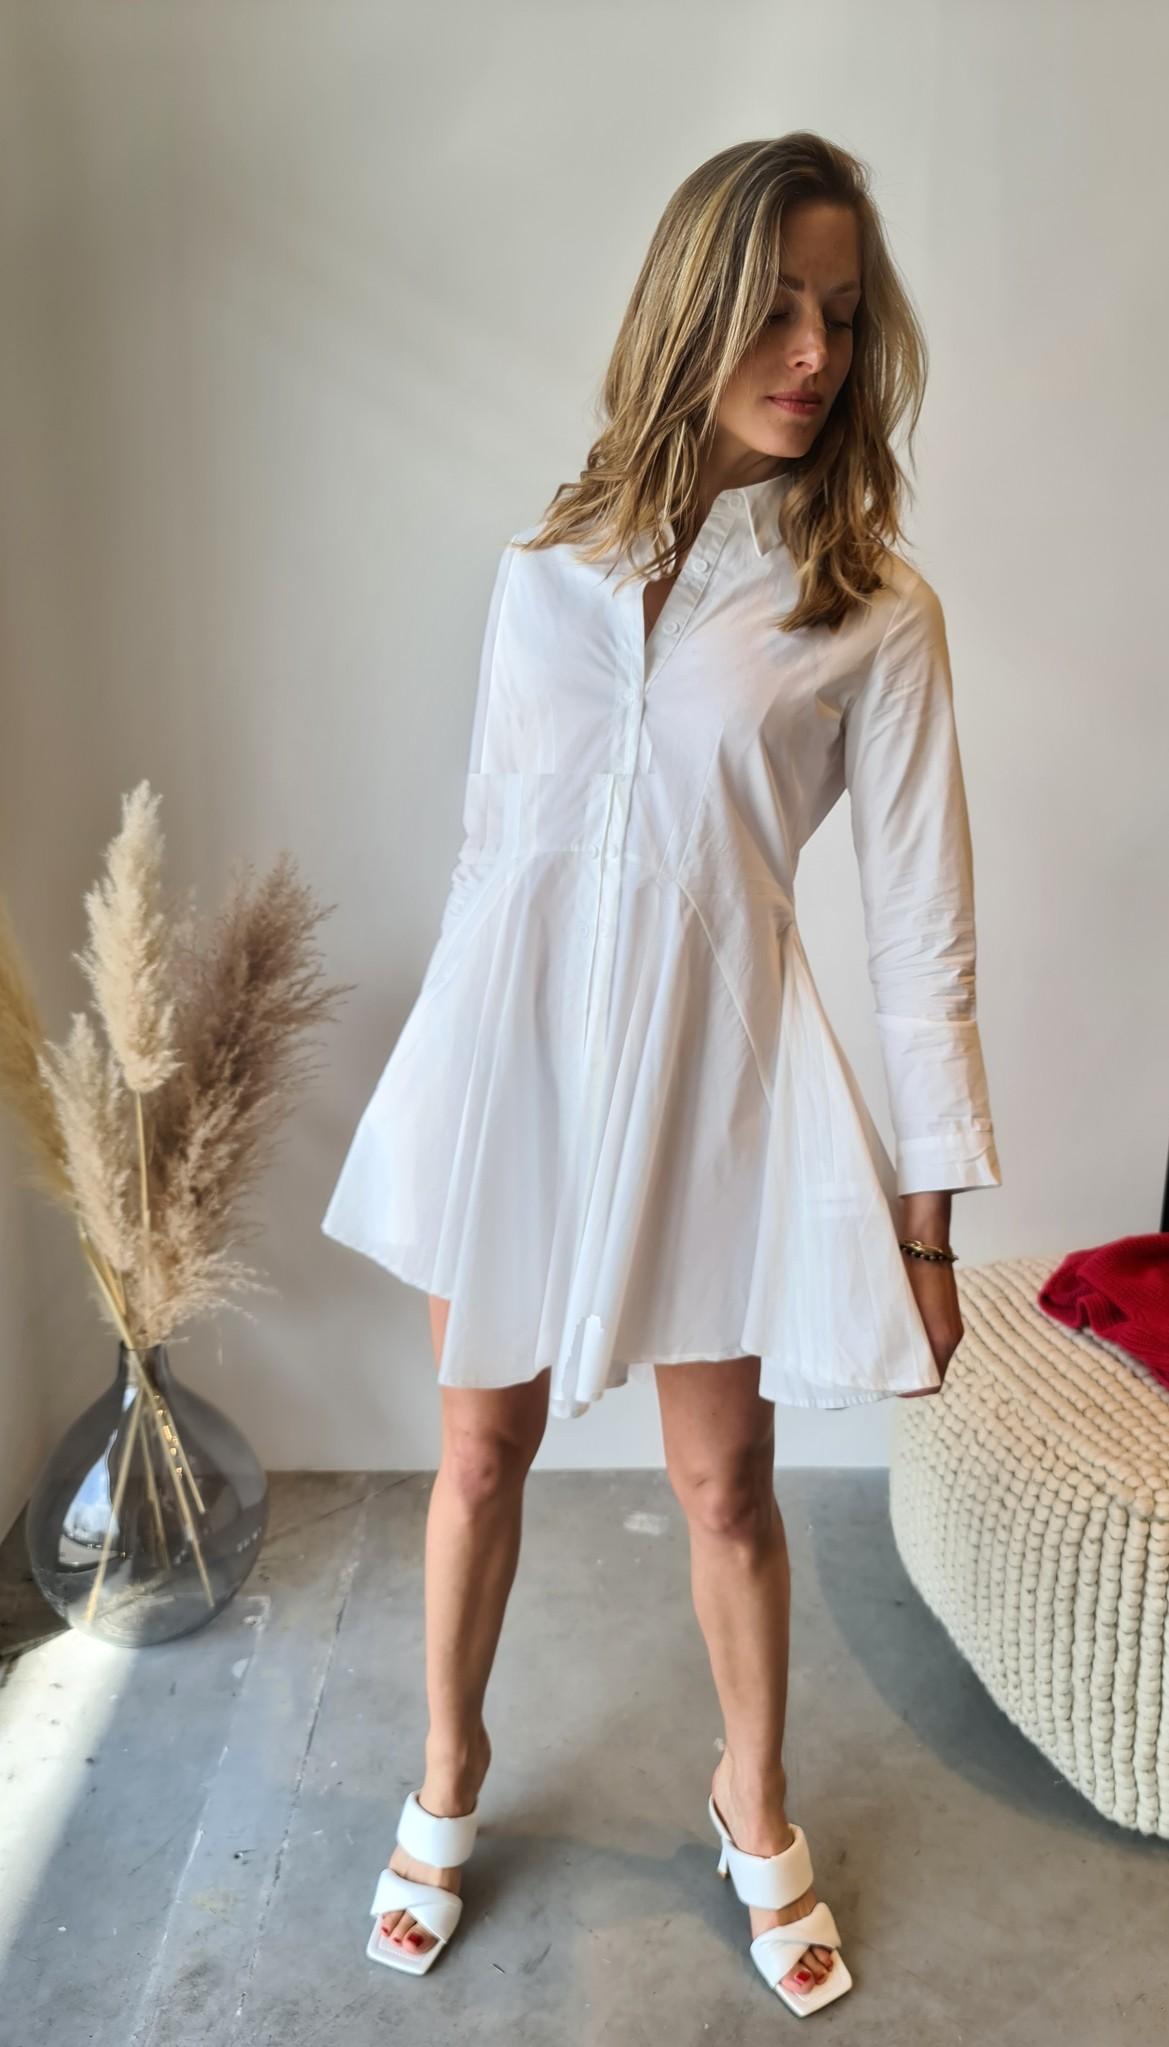 ROBIN robe-4